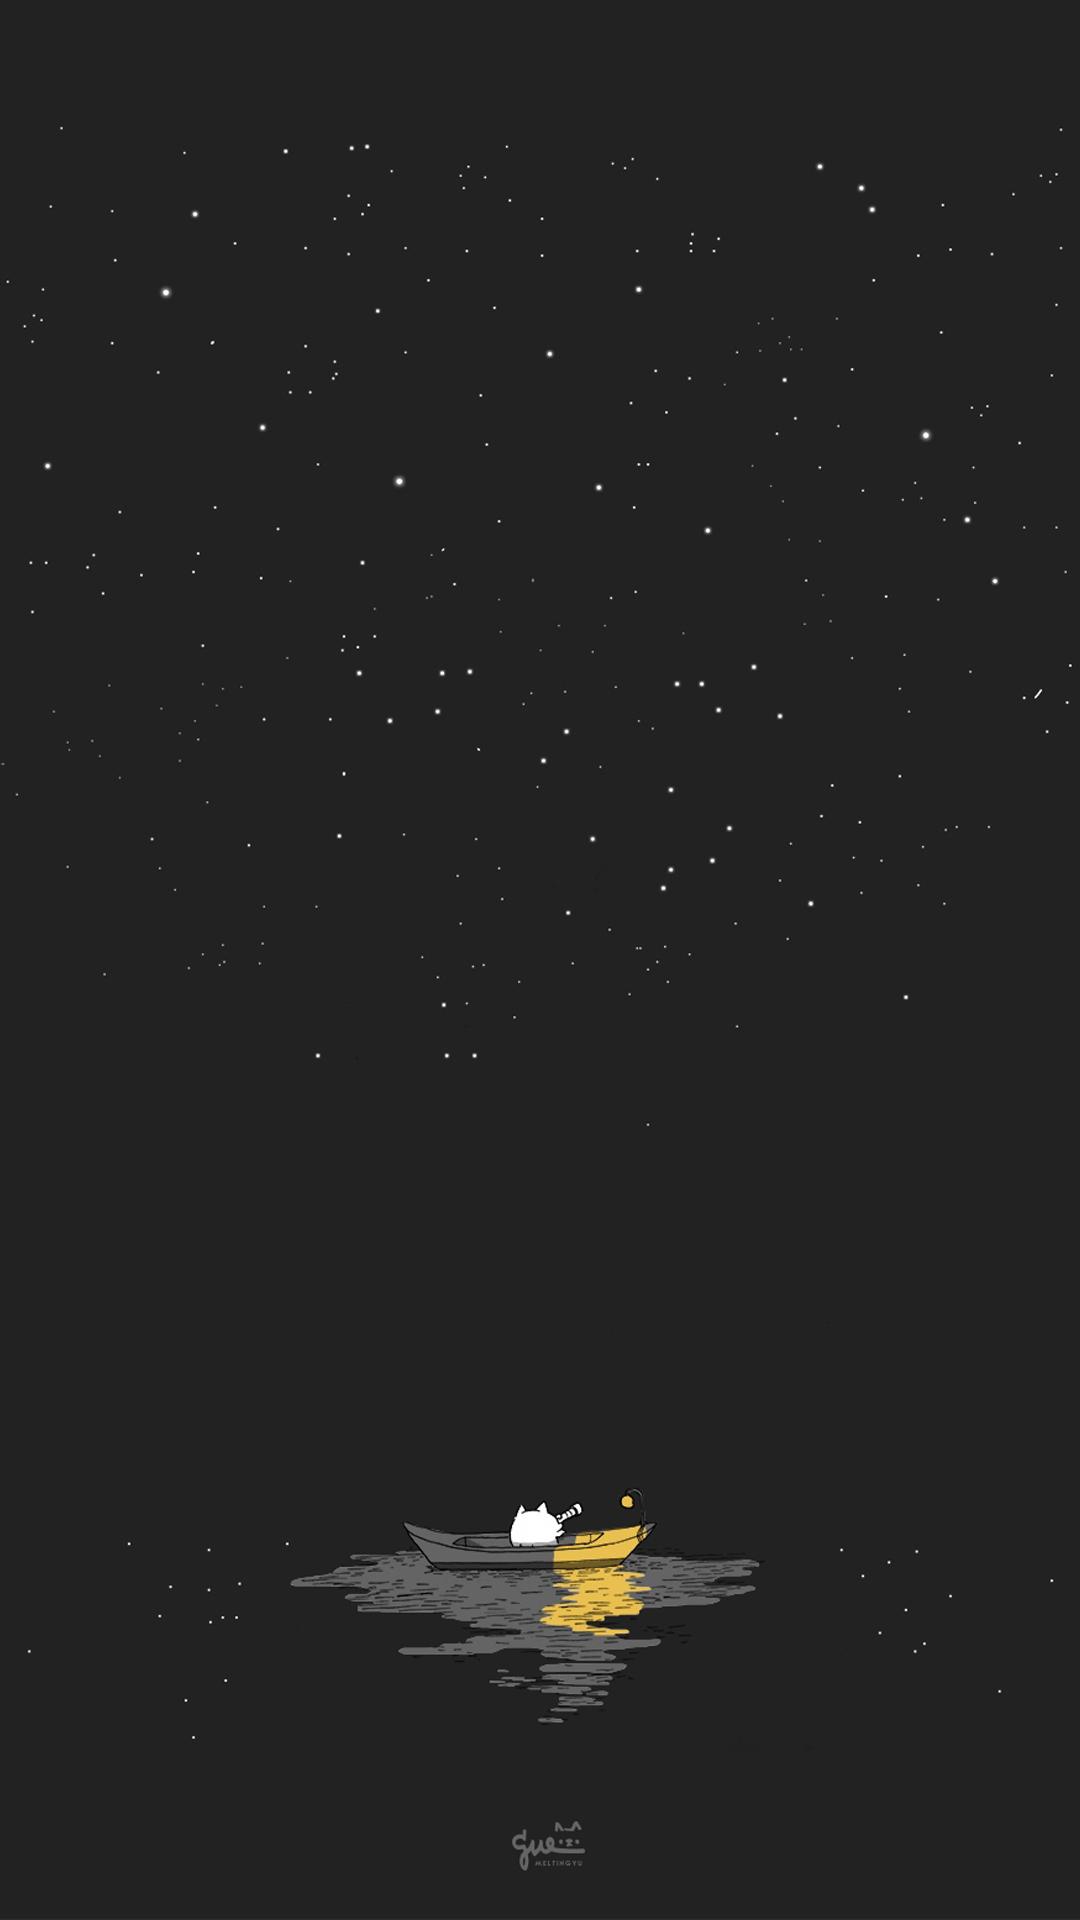 插画 手绘 夜空 星空 船 黑色